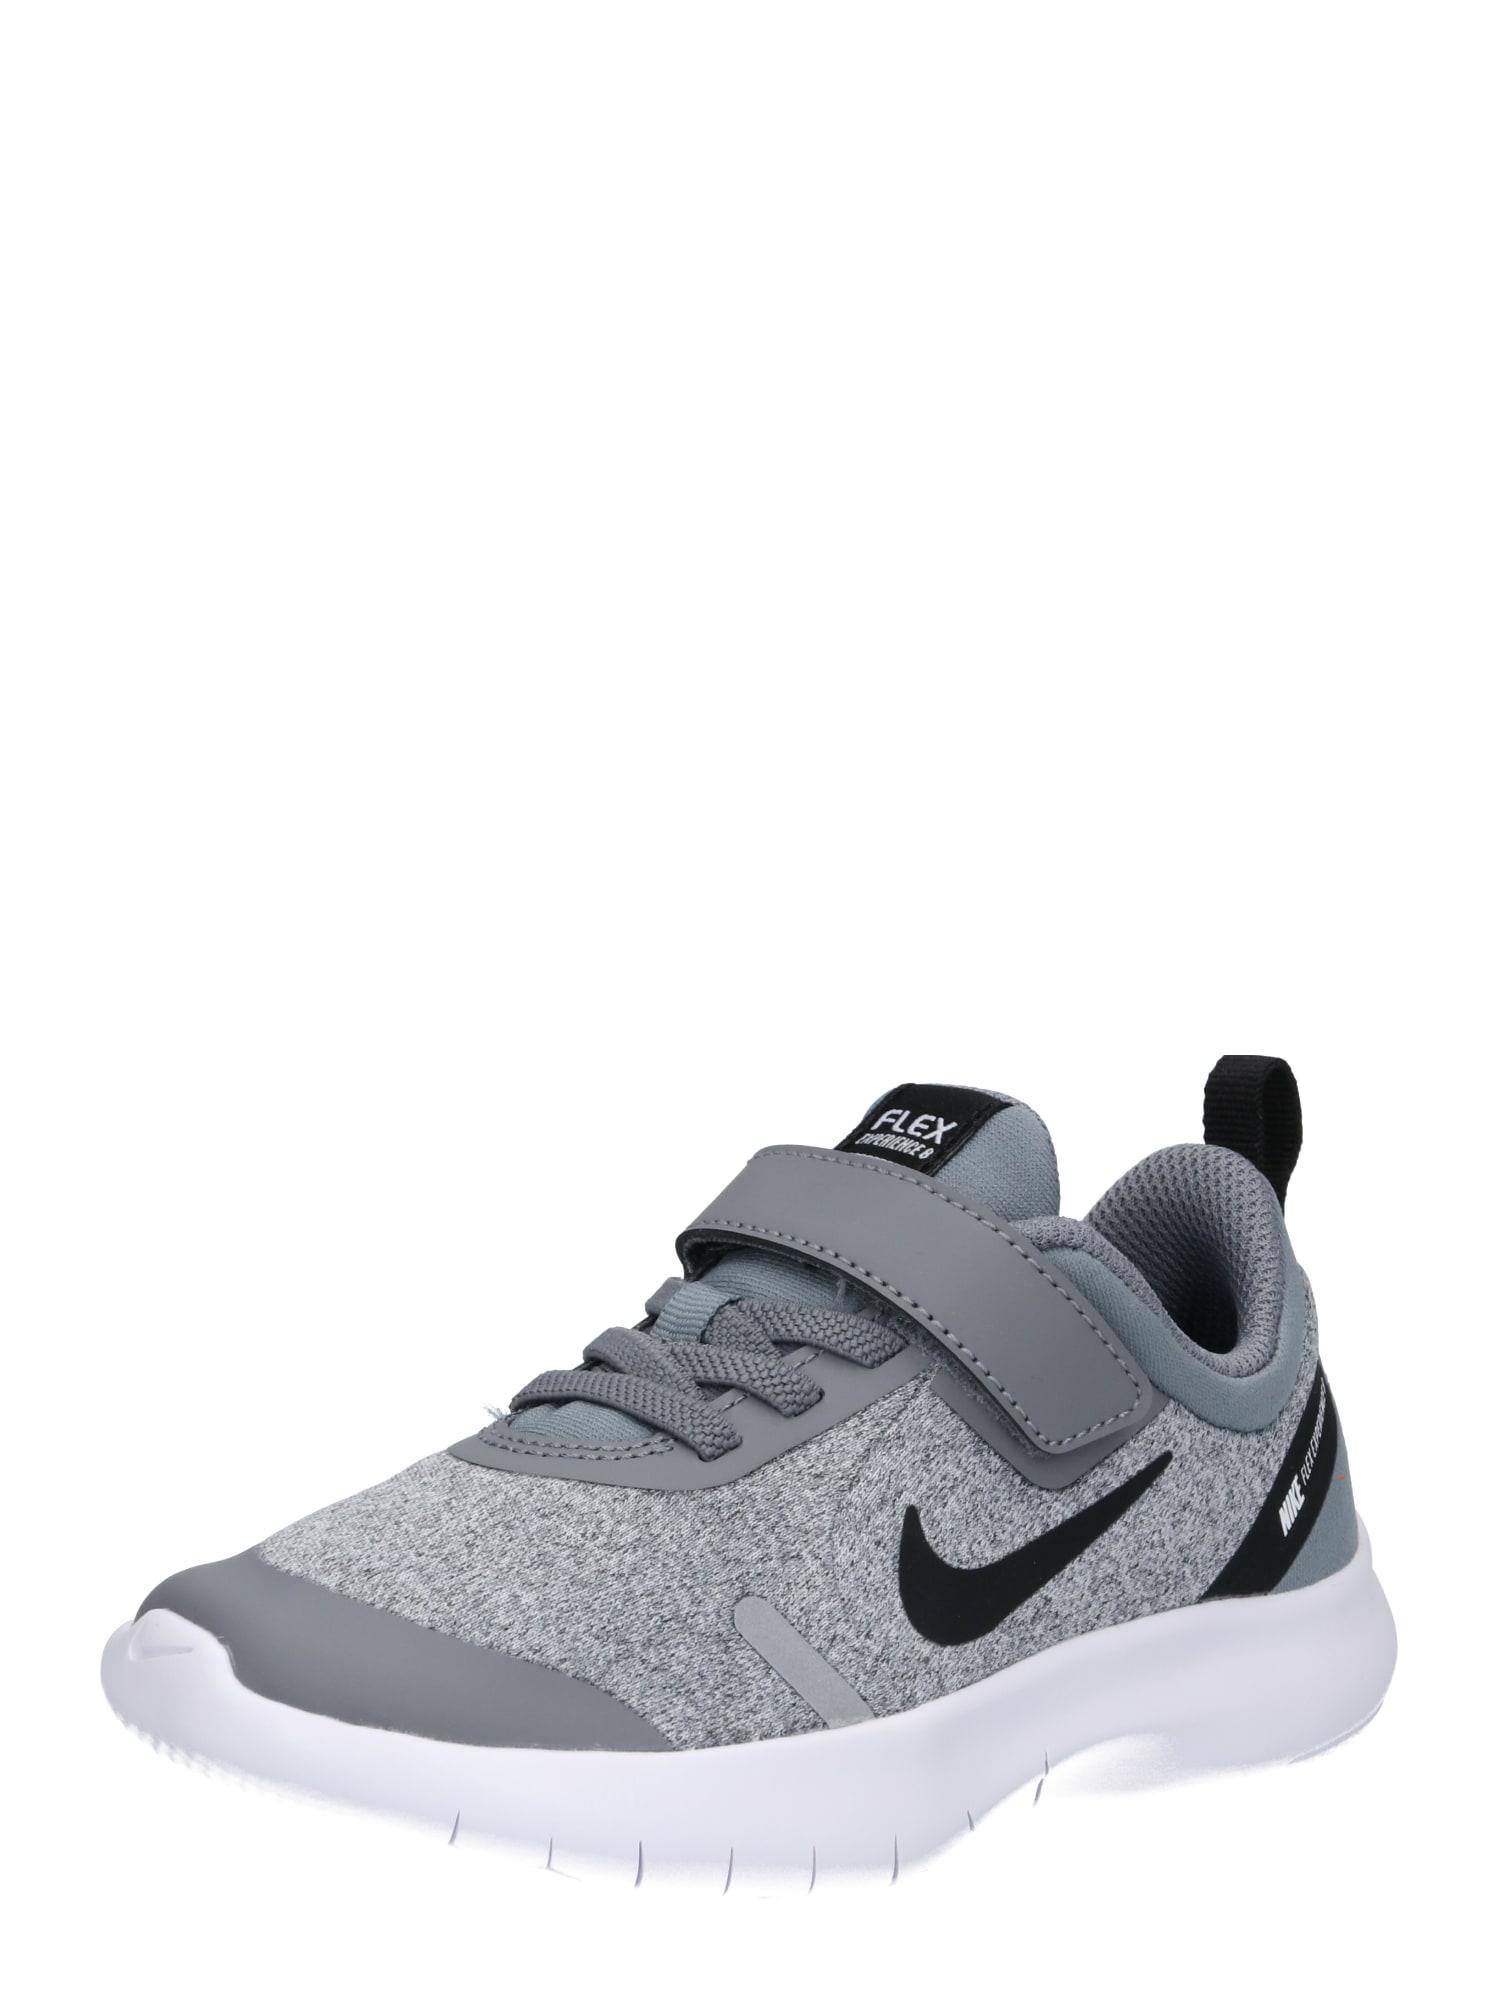 Sportovní boty Nike Flex Experience RN 8 světle šedá tmavě šedá NIKE